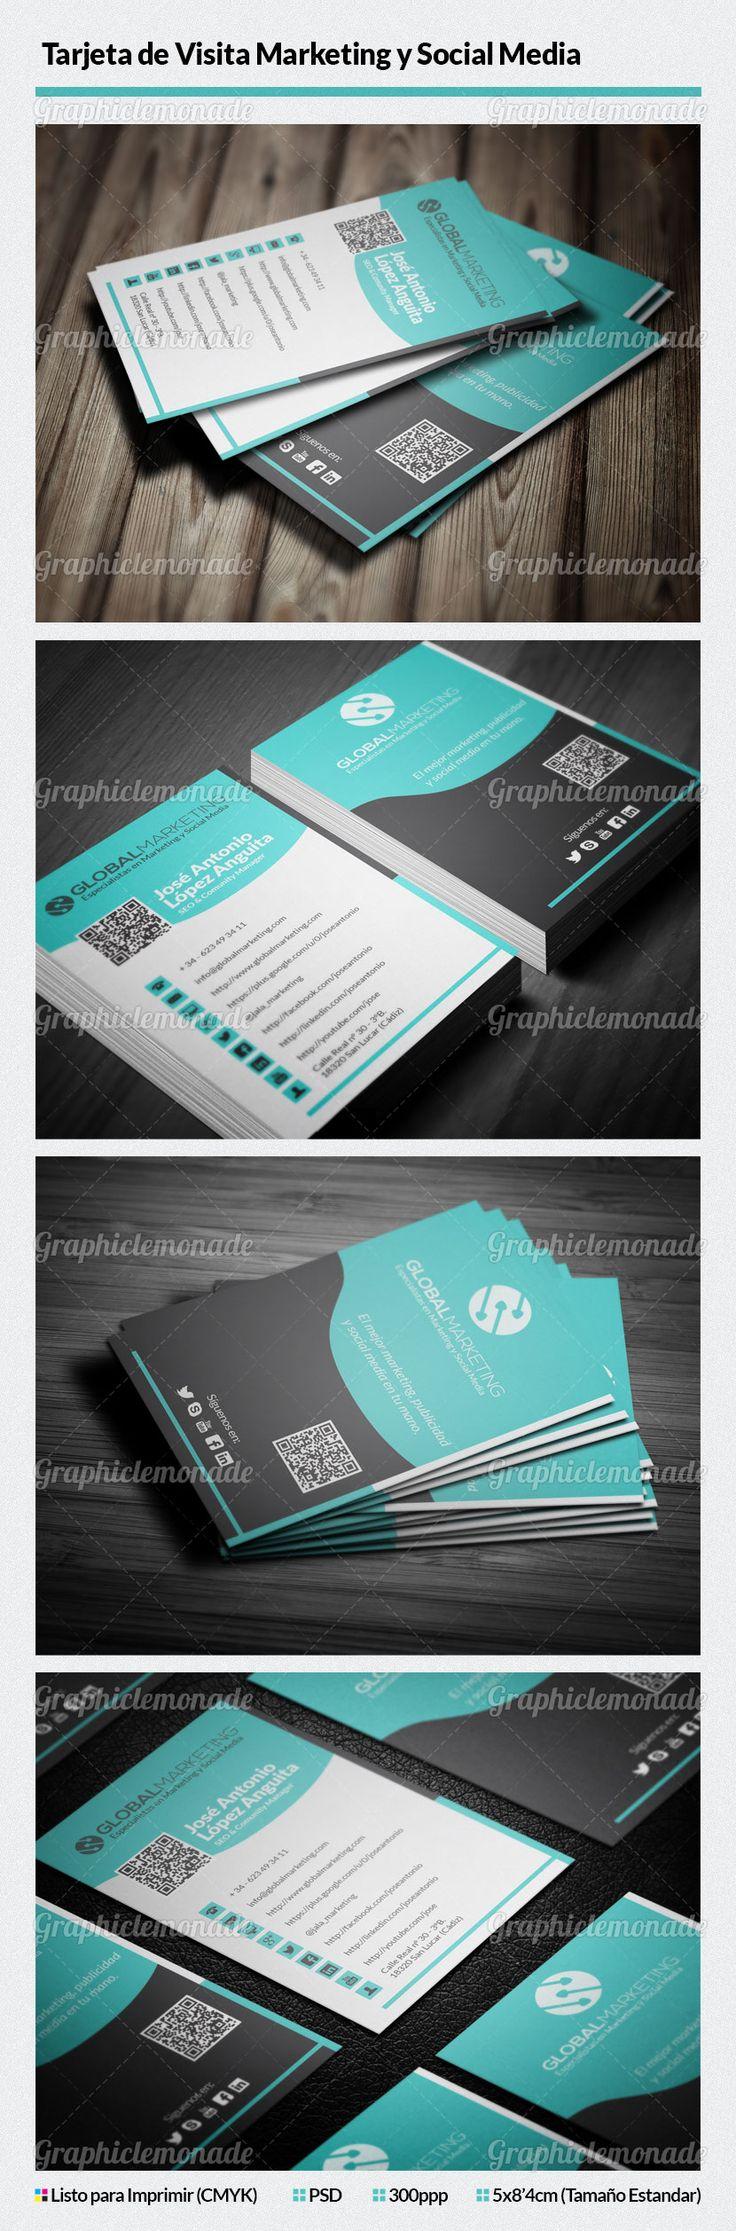 Plantilla de Tarjeta de Visita Marketing y Social Media